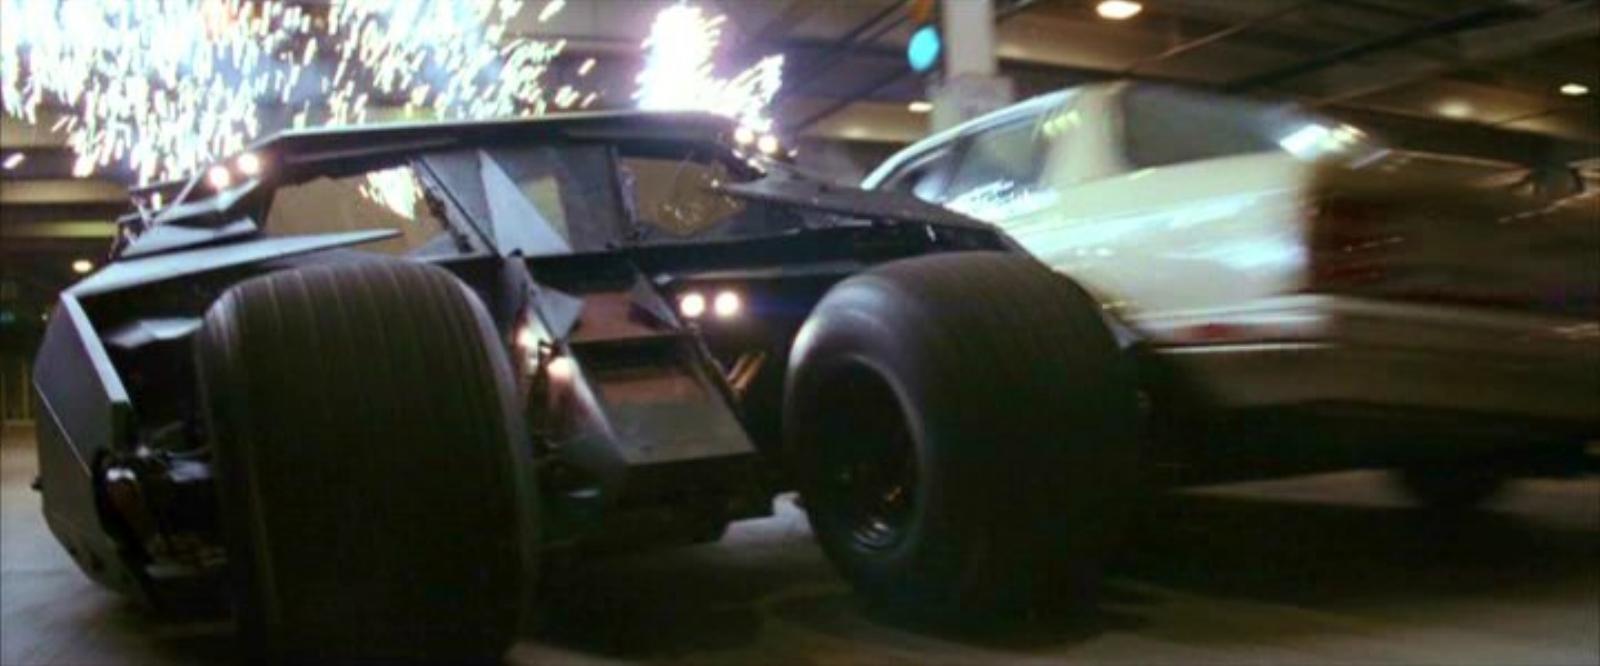 batman5oldsmobile.7923.jpg